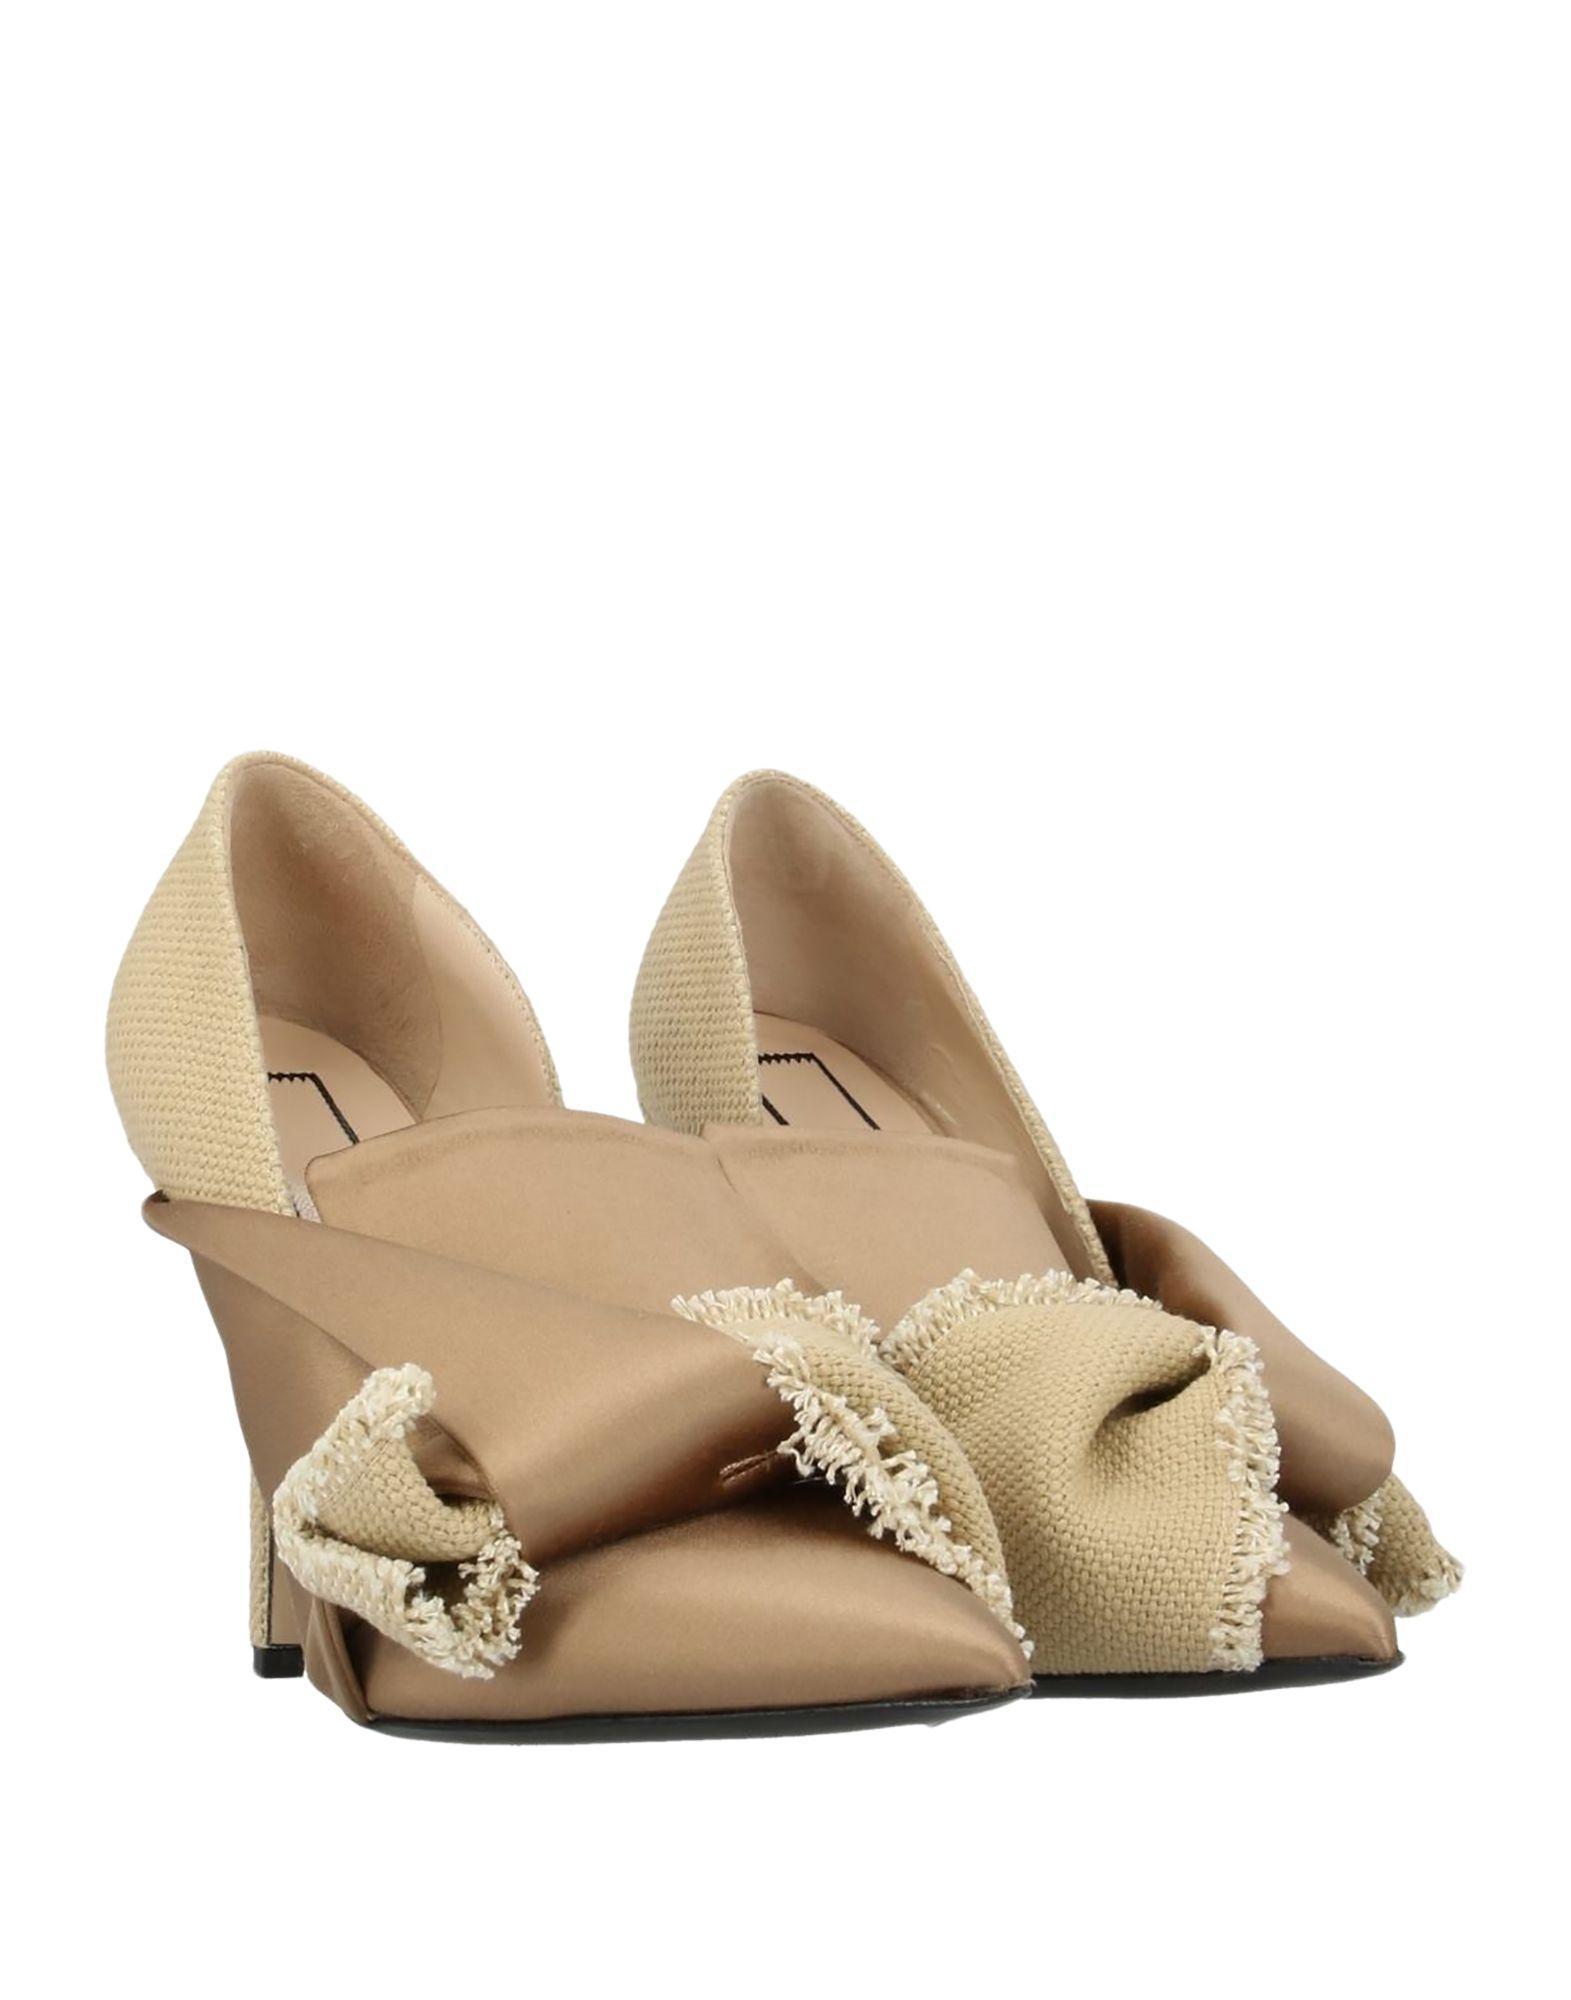 Zapatos de salón N°21 de Lona de color Neutro